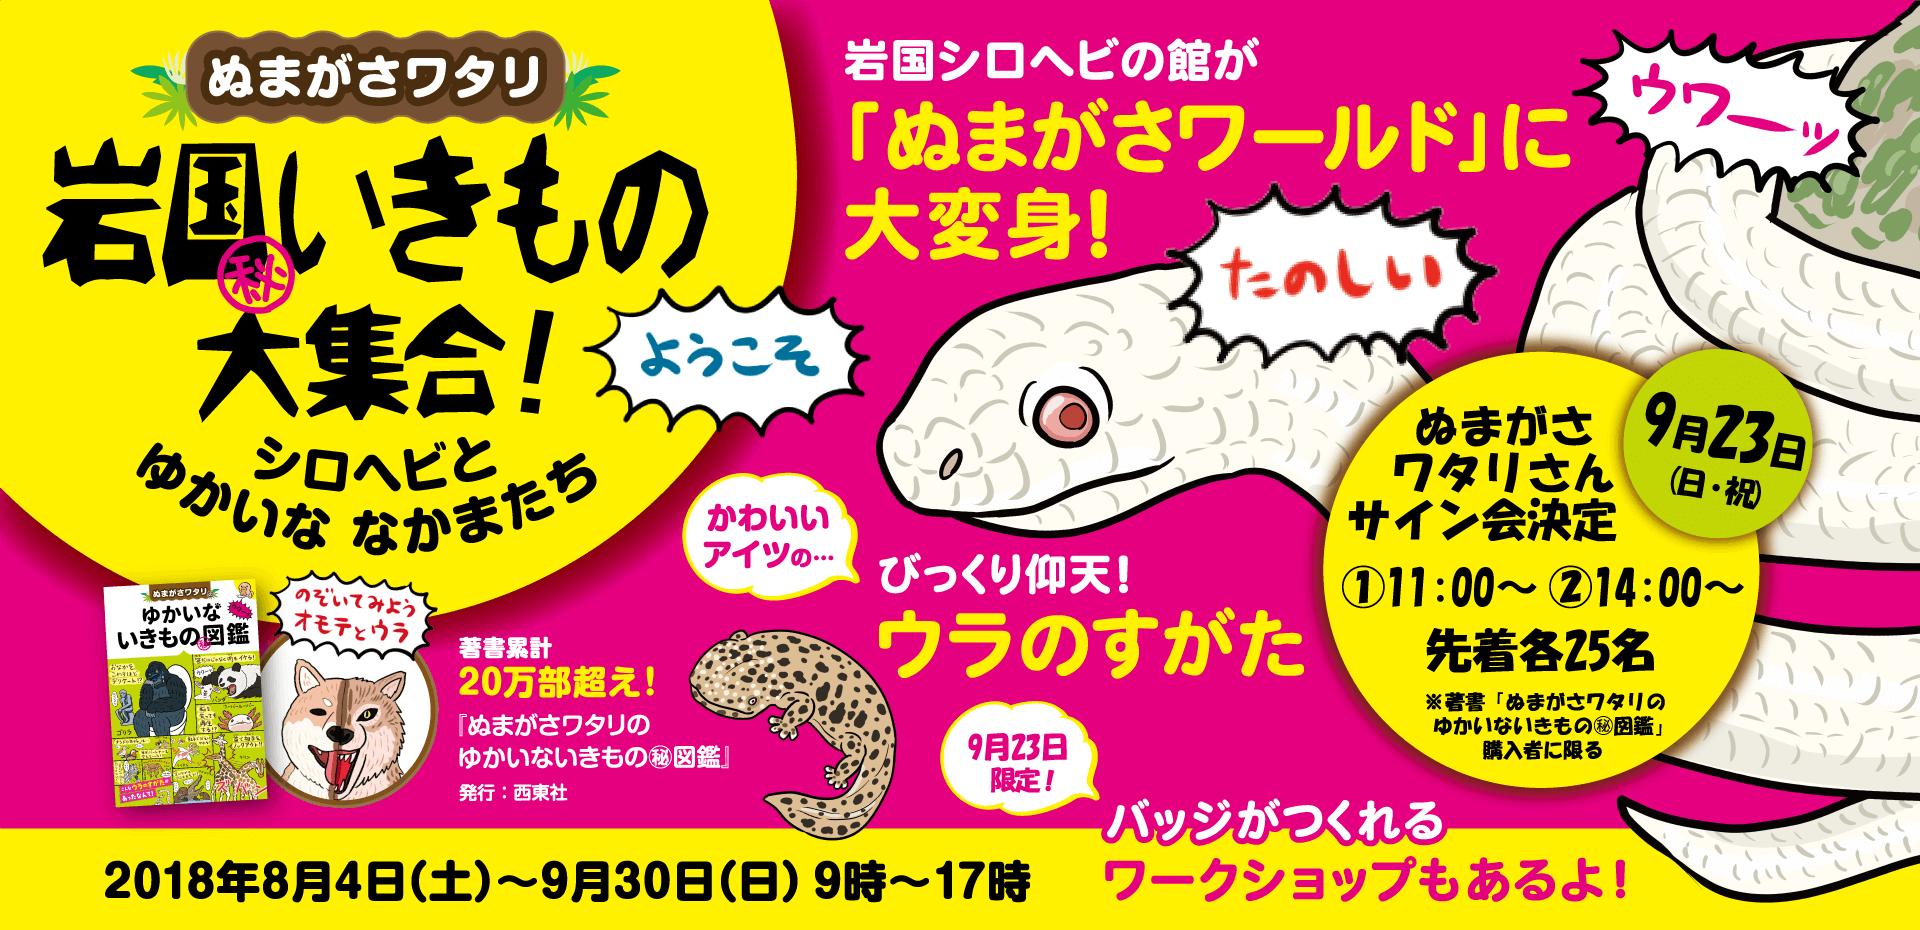 ぬまがさワタリ岩国いきもの大集合!